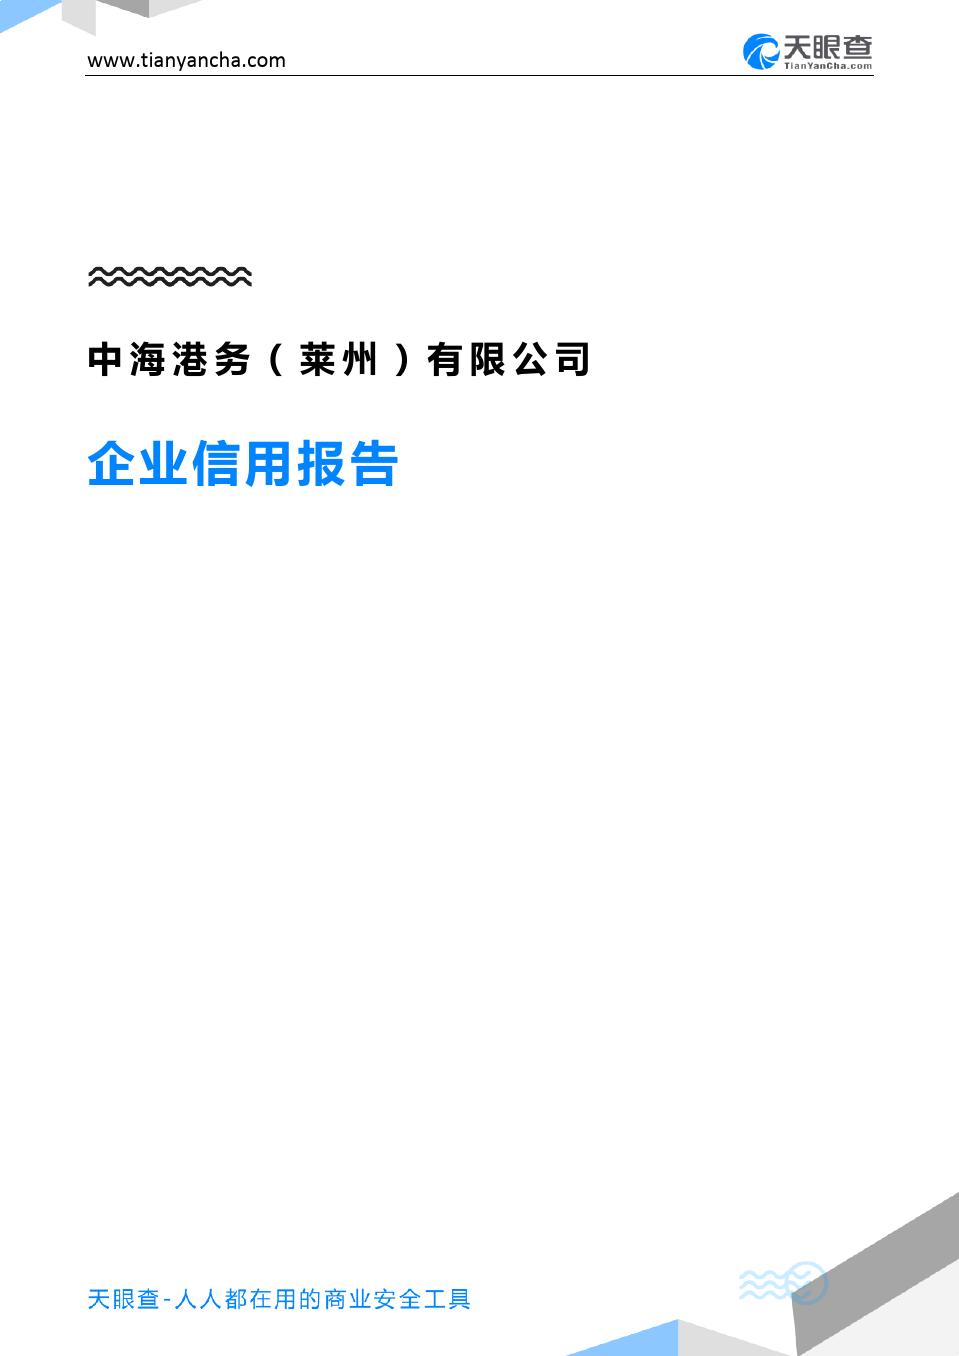 中海港务(莱州)有限公司(企业信用报告)- 天眼查